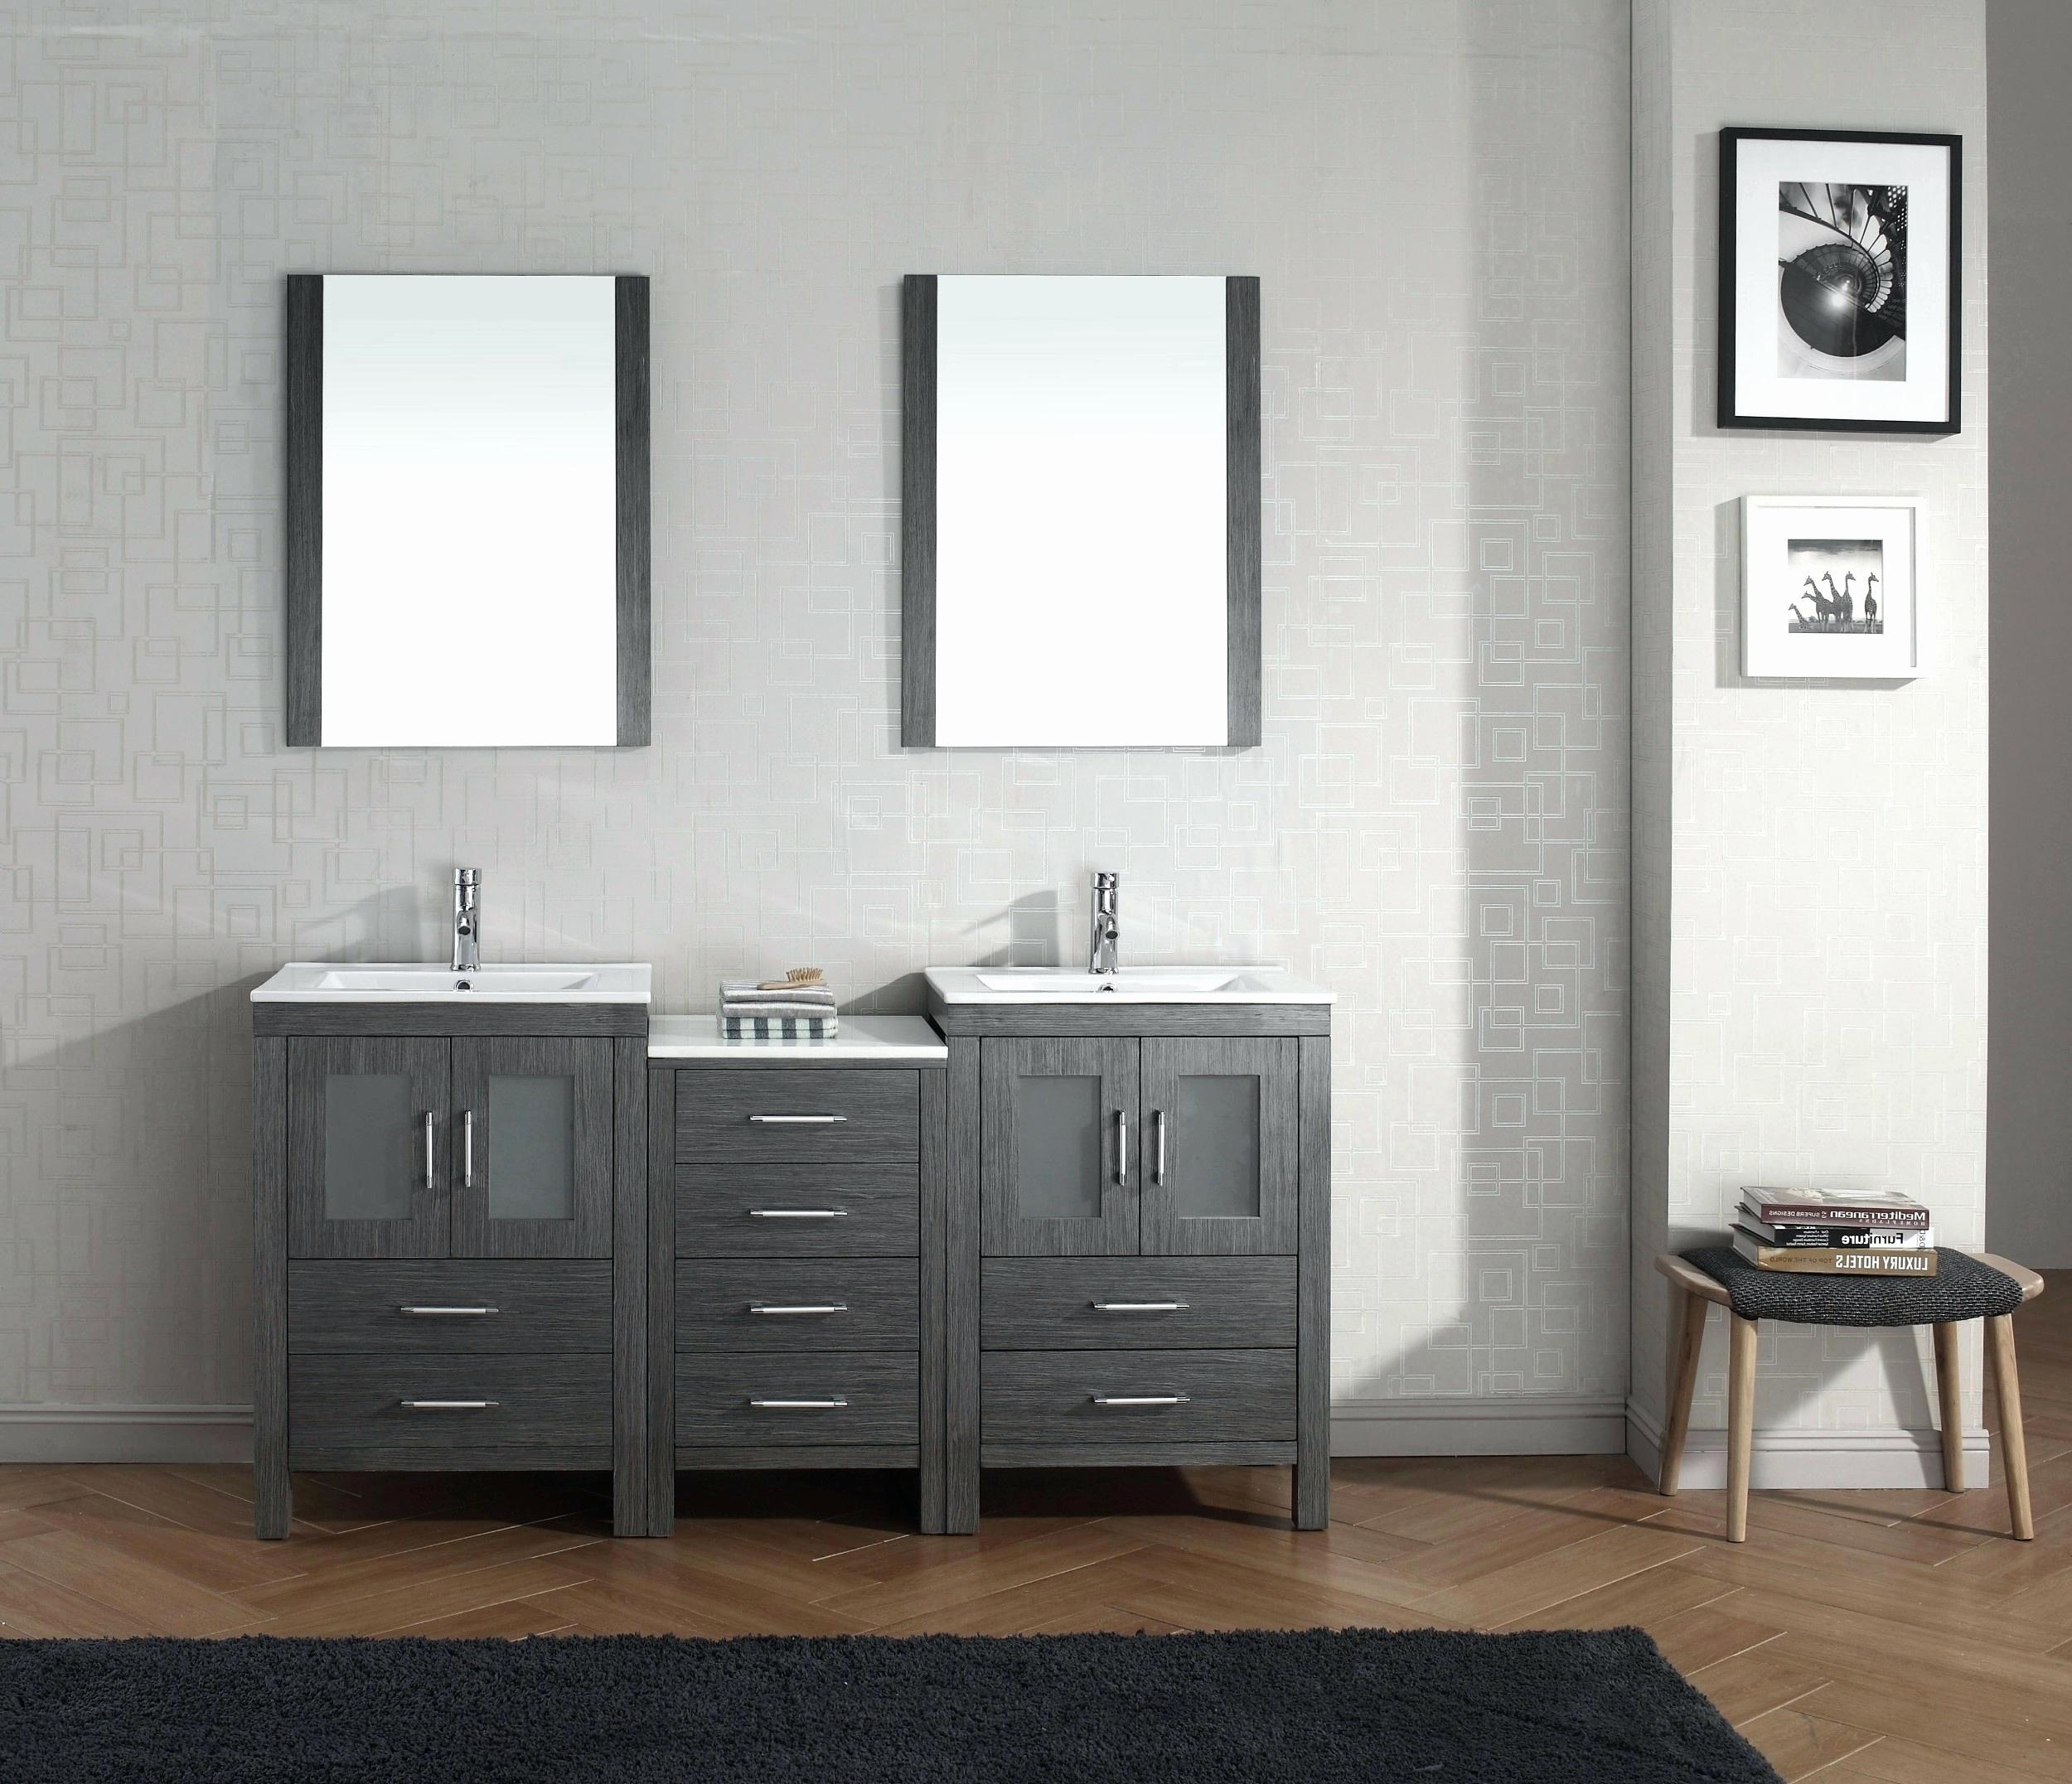 Class Bathroom Vanities Smart Idea Bathroom Vanities Columbus Ohio Home Ideas Jannamo com in OFLIMQT